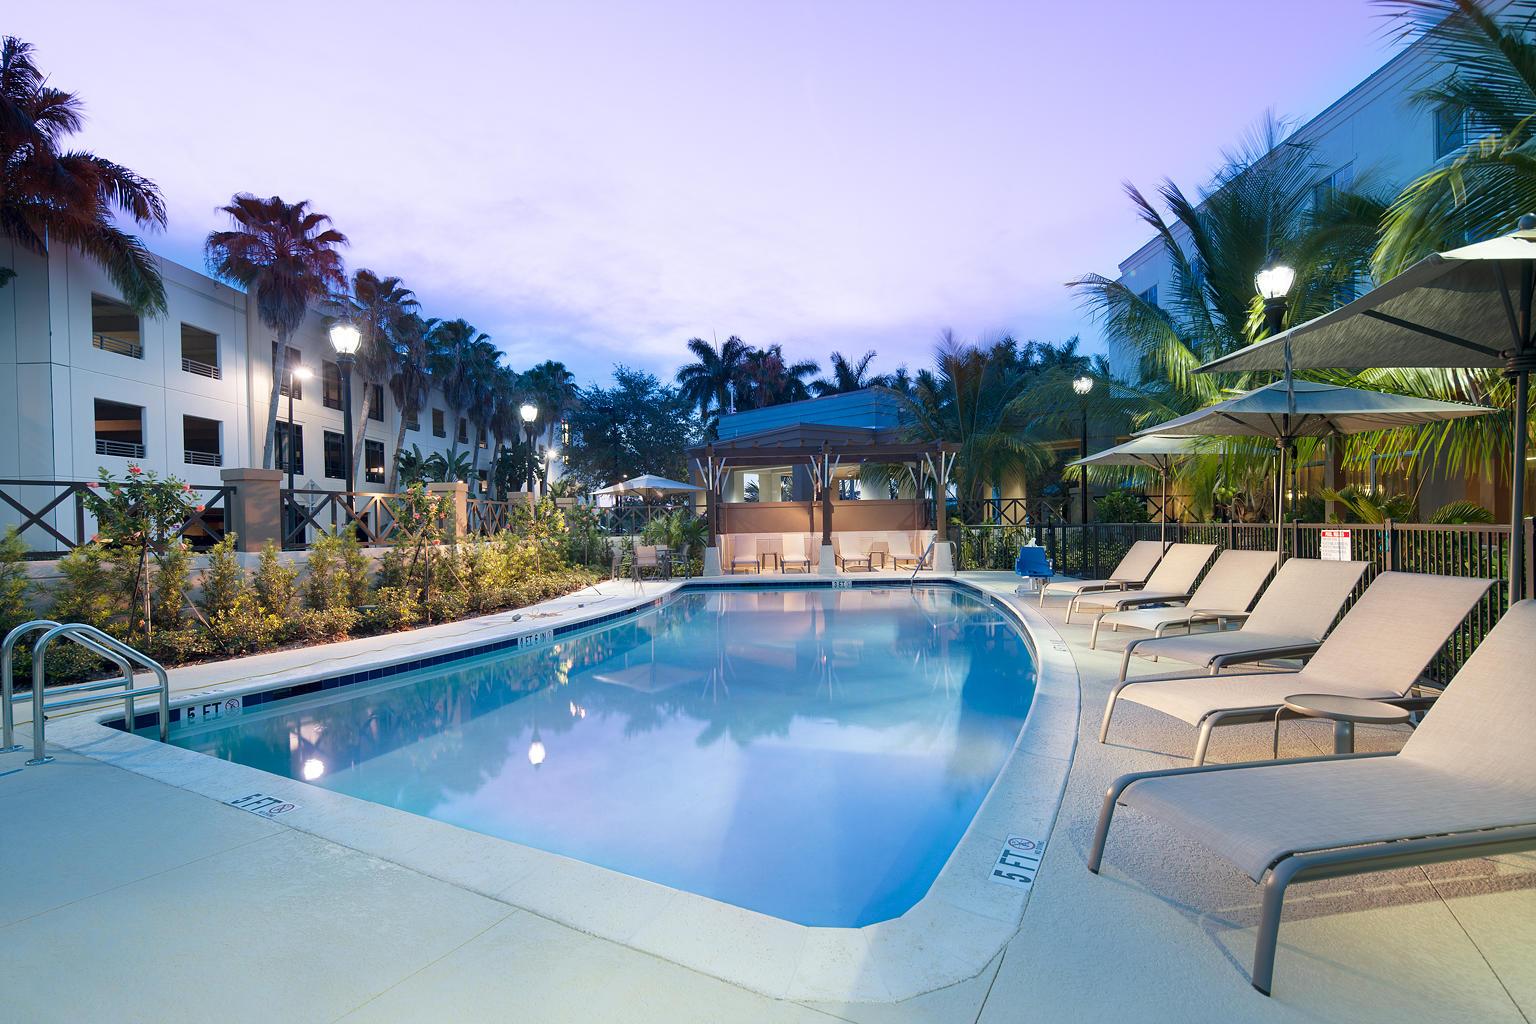 Courtyard by Marriott Palm Beach Jupiter image 15